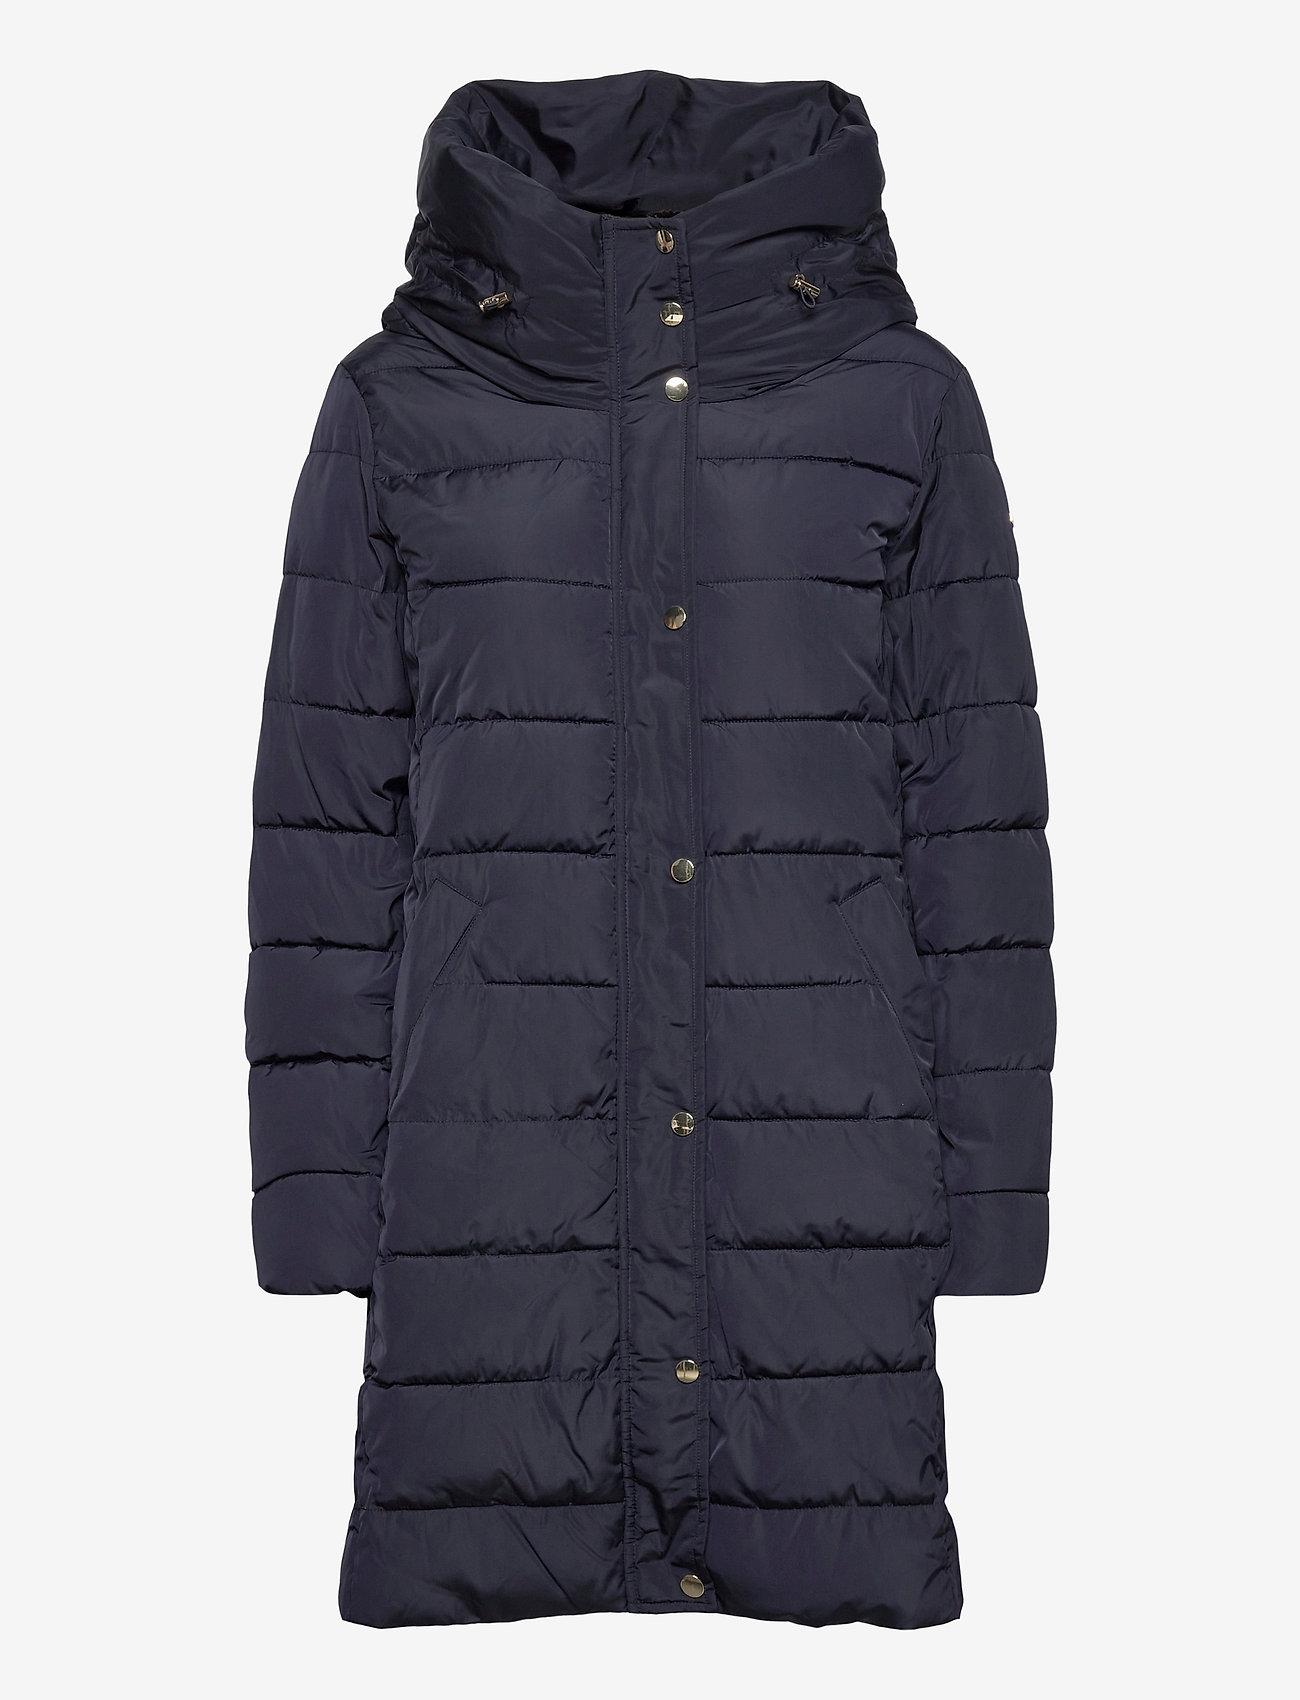 Esprit Collection - Coats woven - manteaux d'hiver - navy - 1